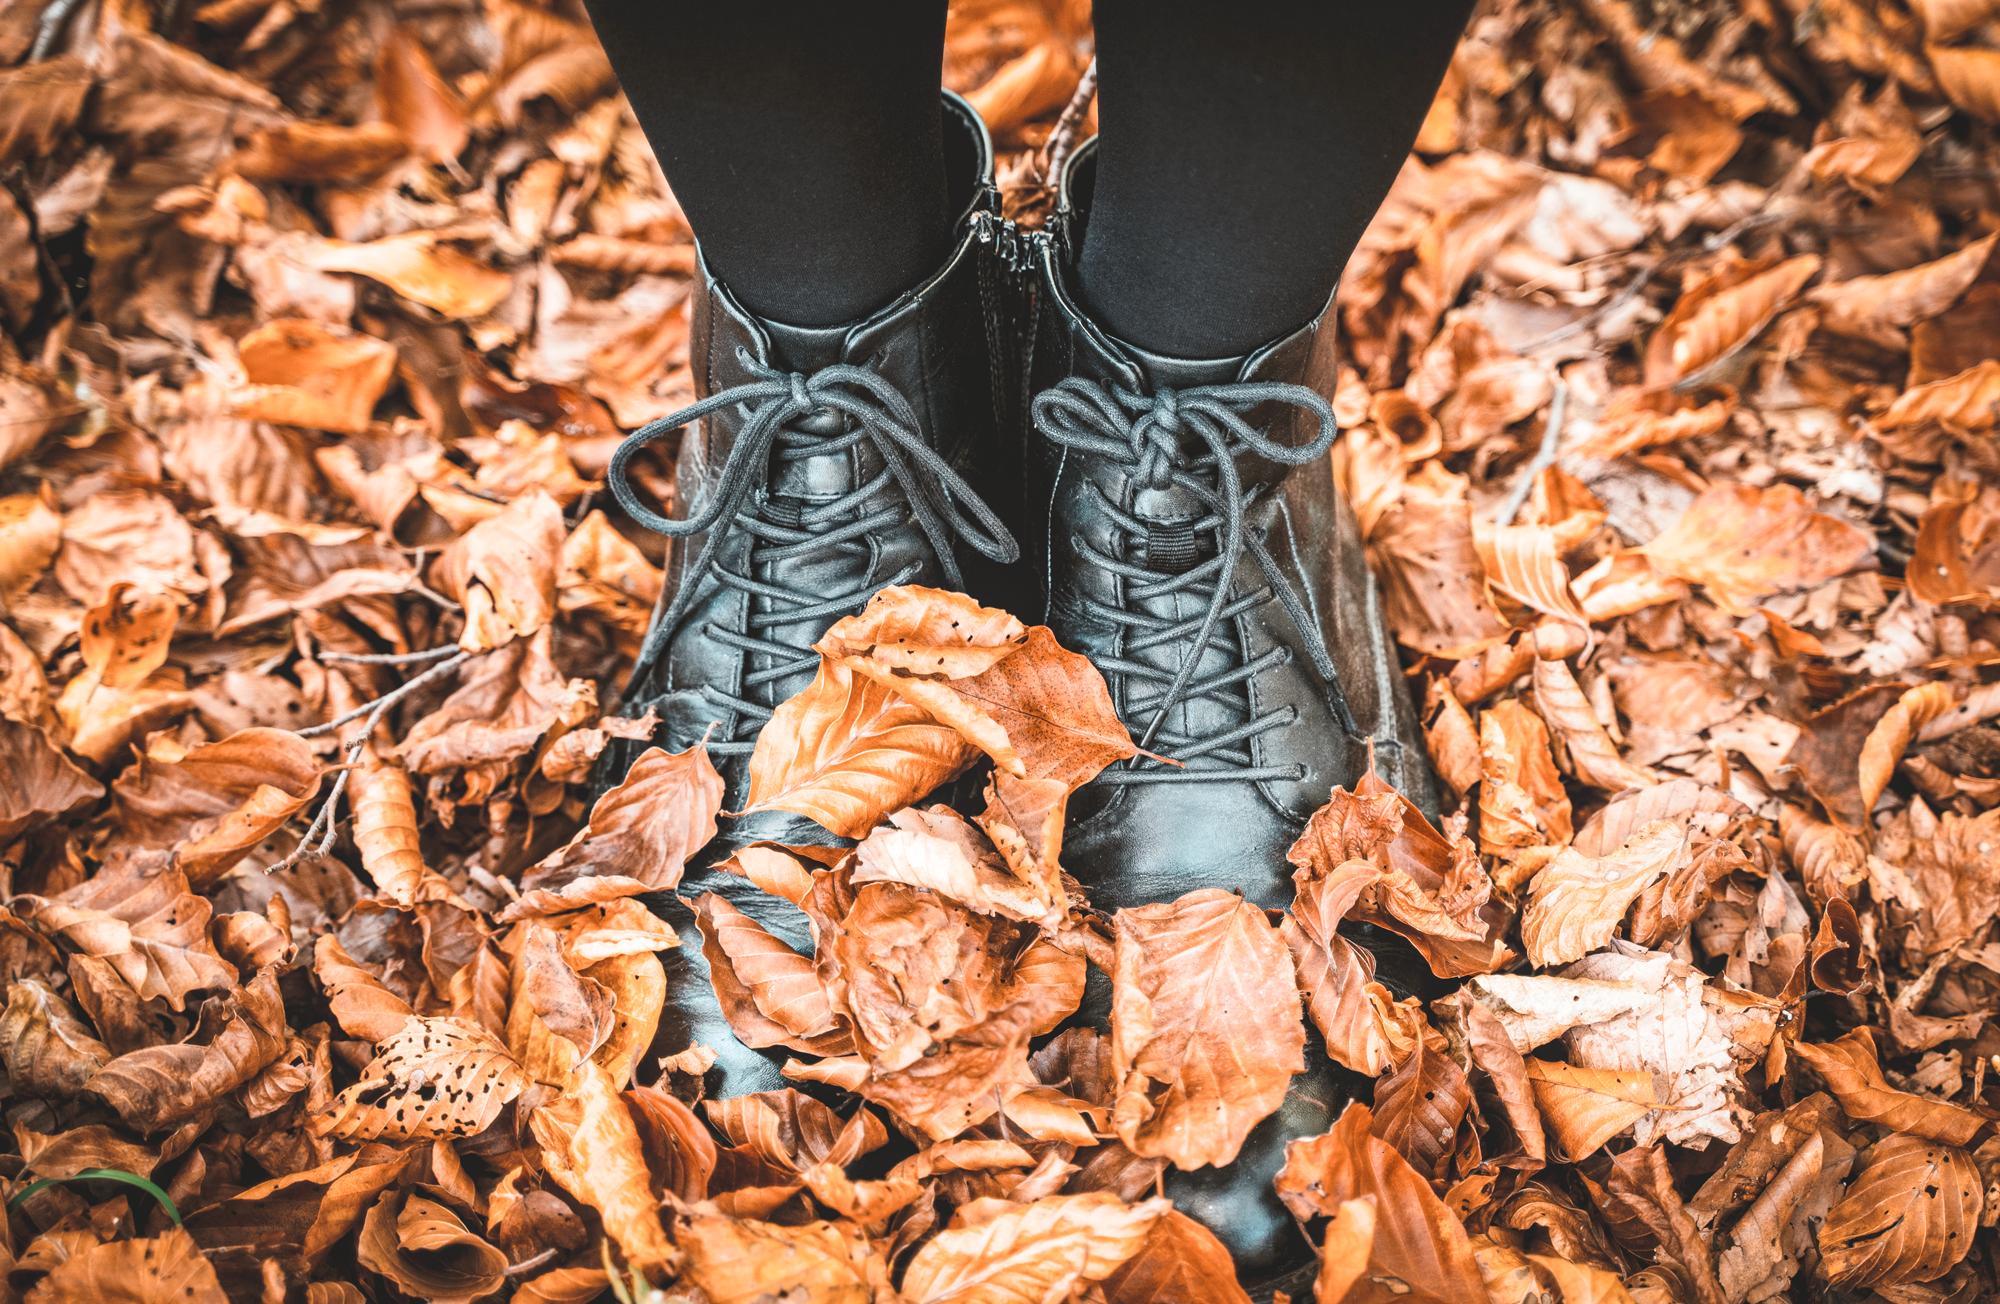 Botas femininas: conheça os modelos que não podem faltar neste inverno